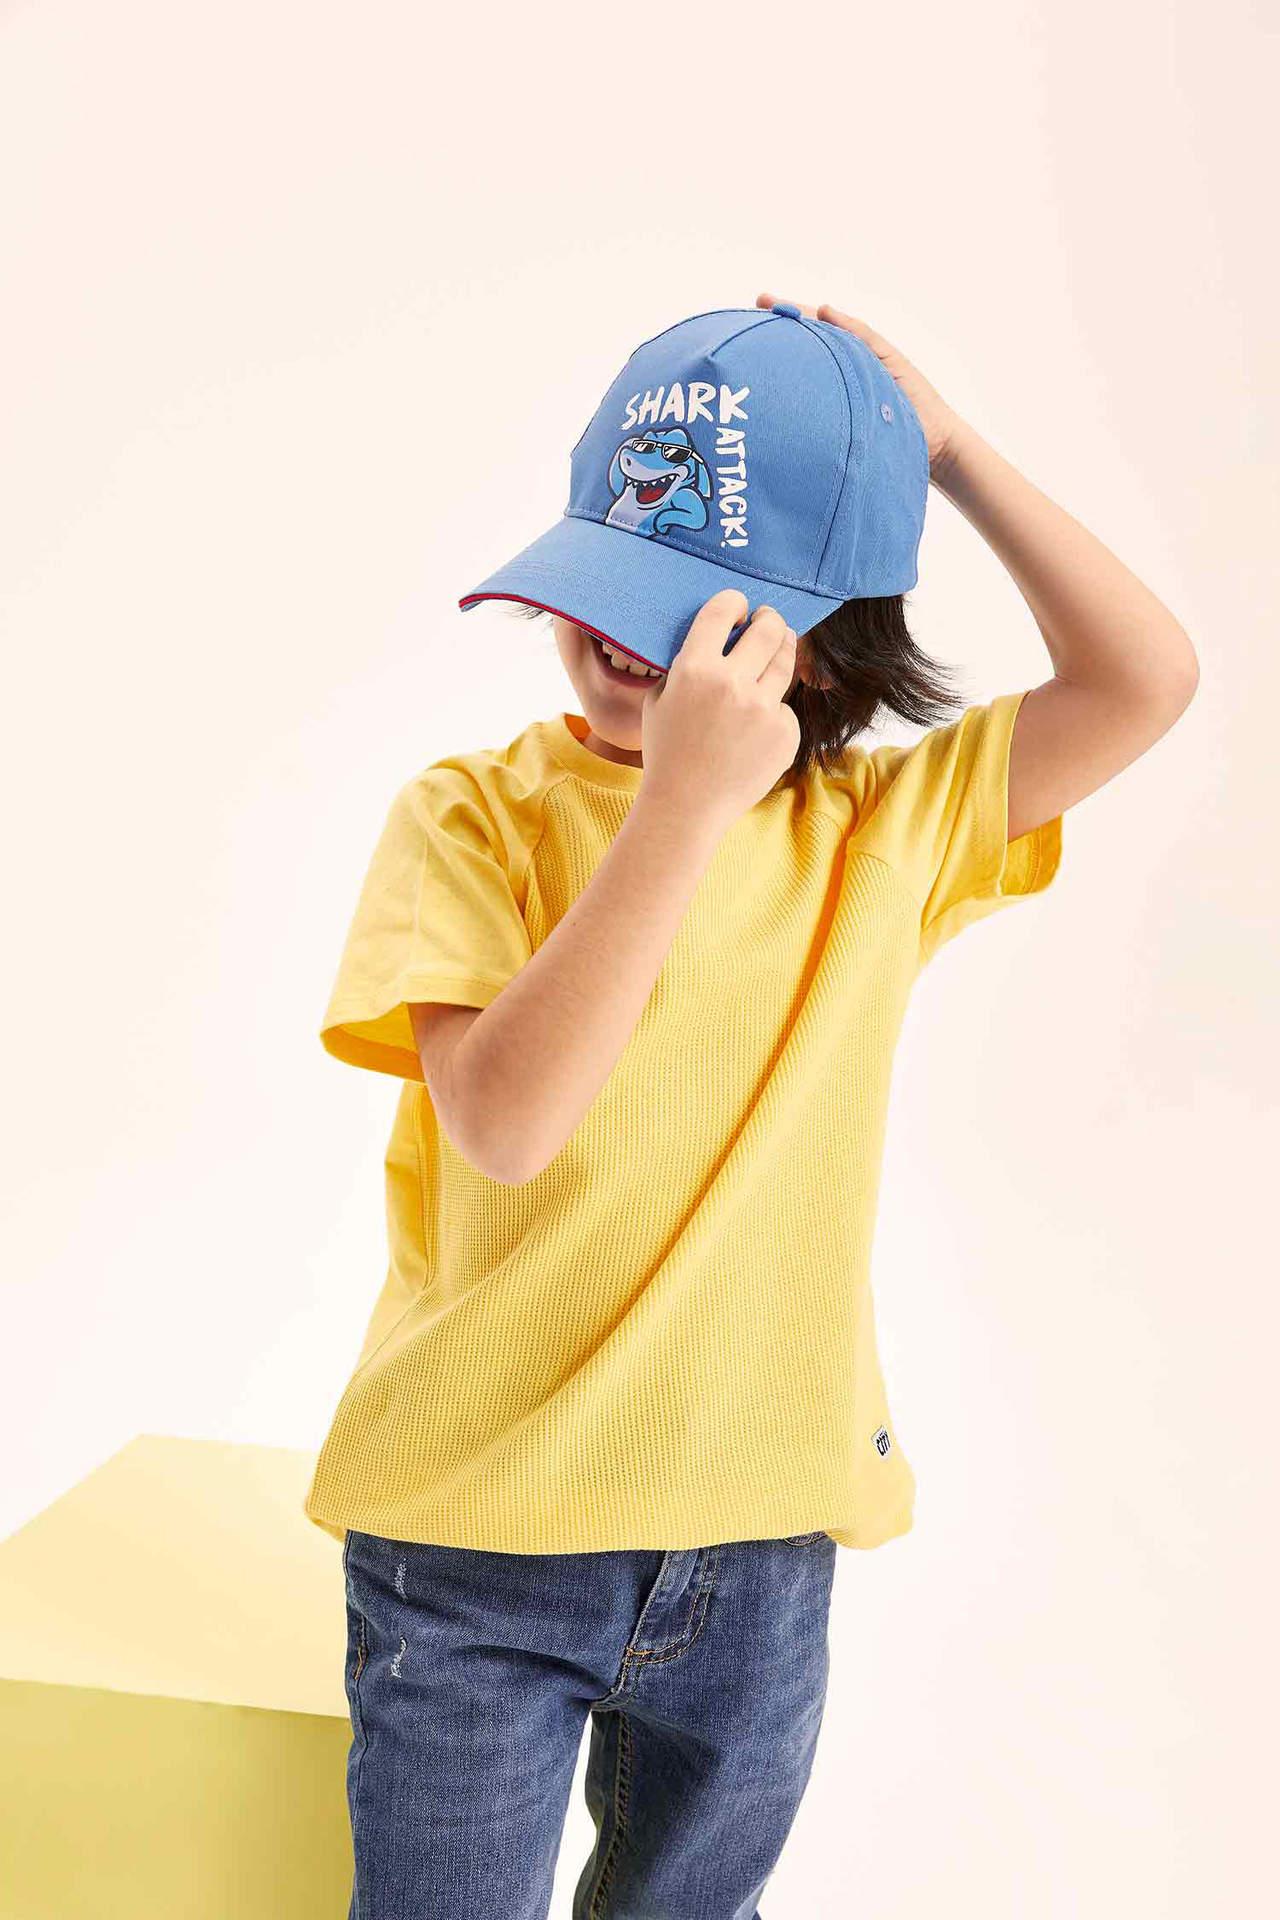 DeFacto Erkek Çocuk Baskılı Şapka Mavi male